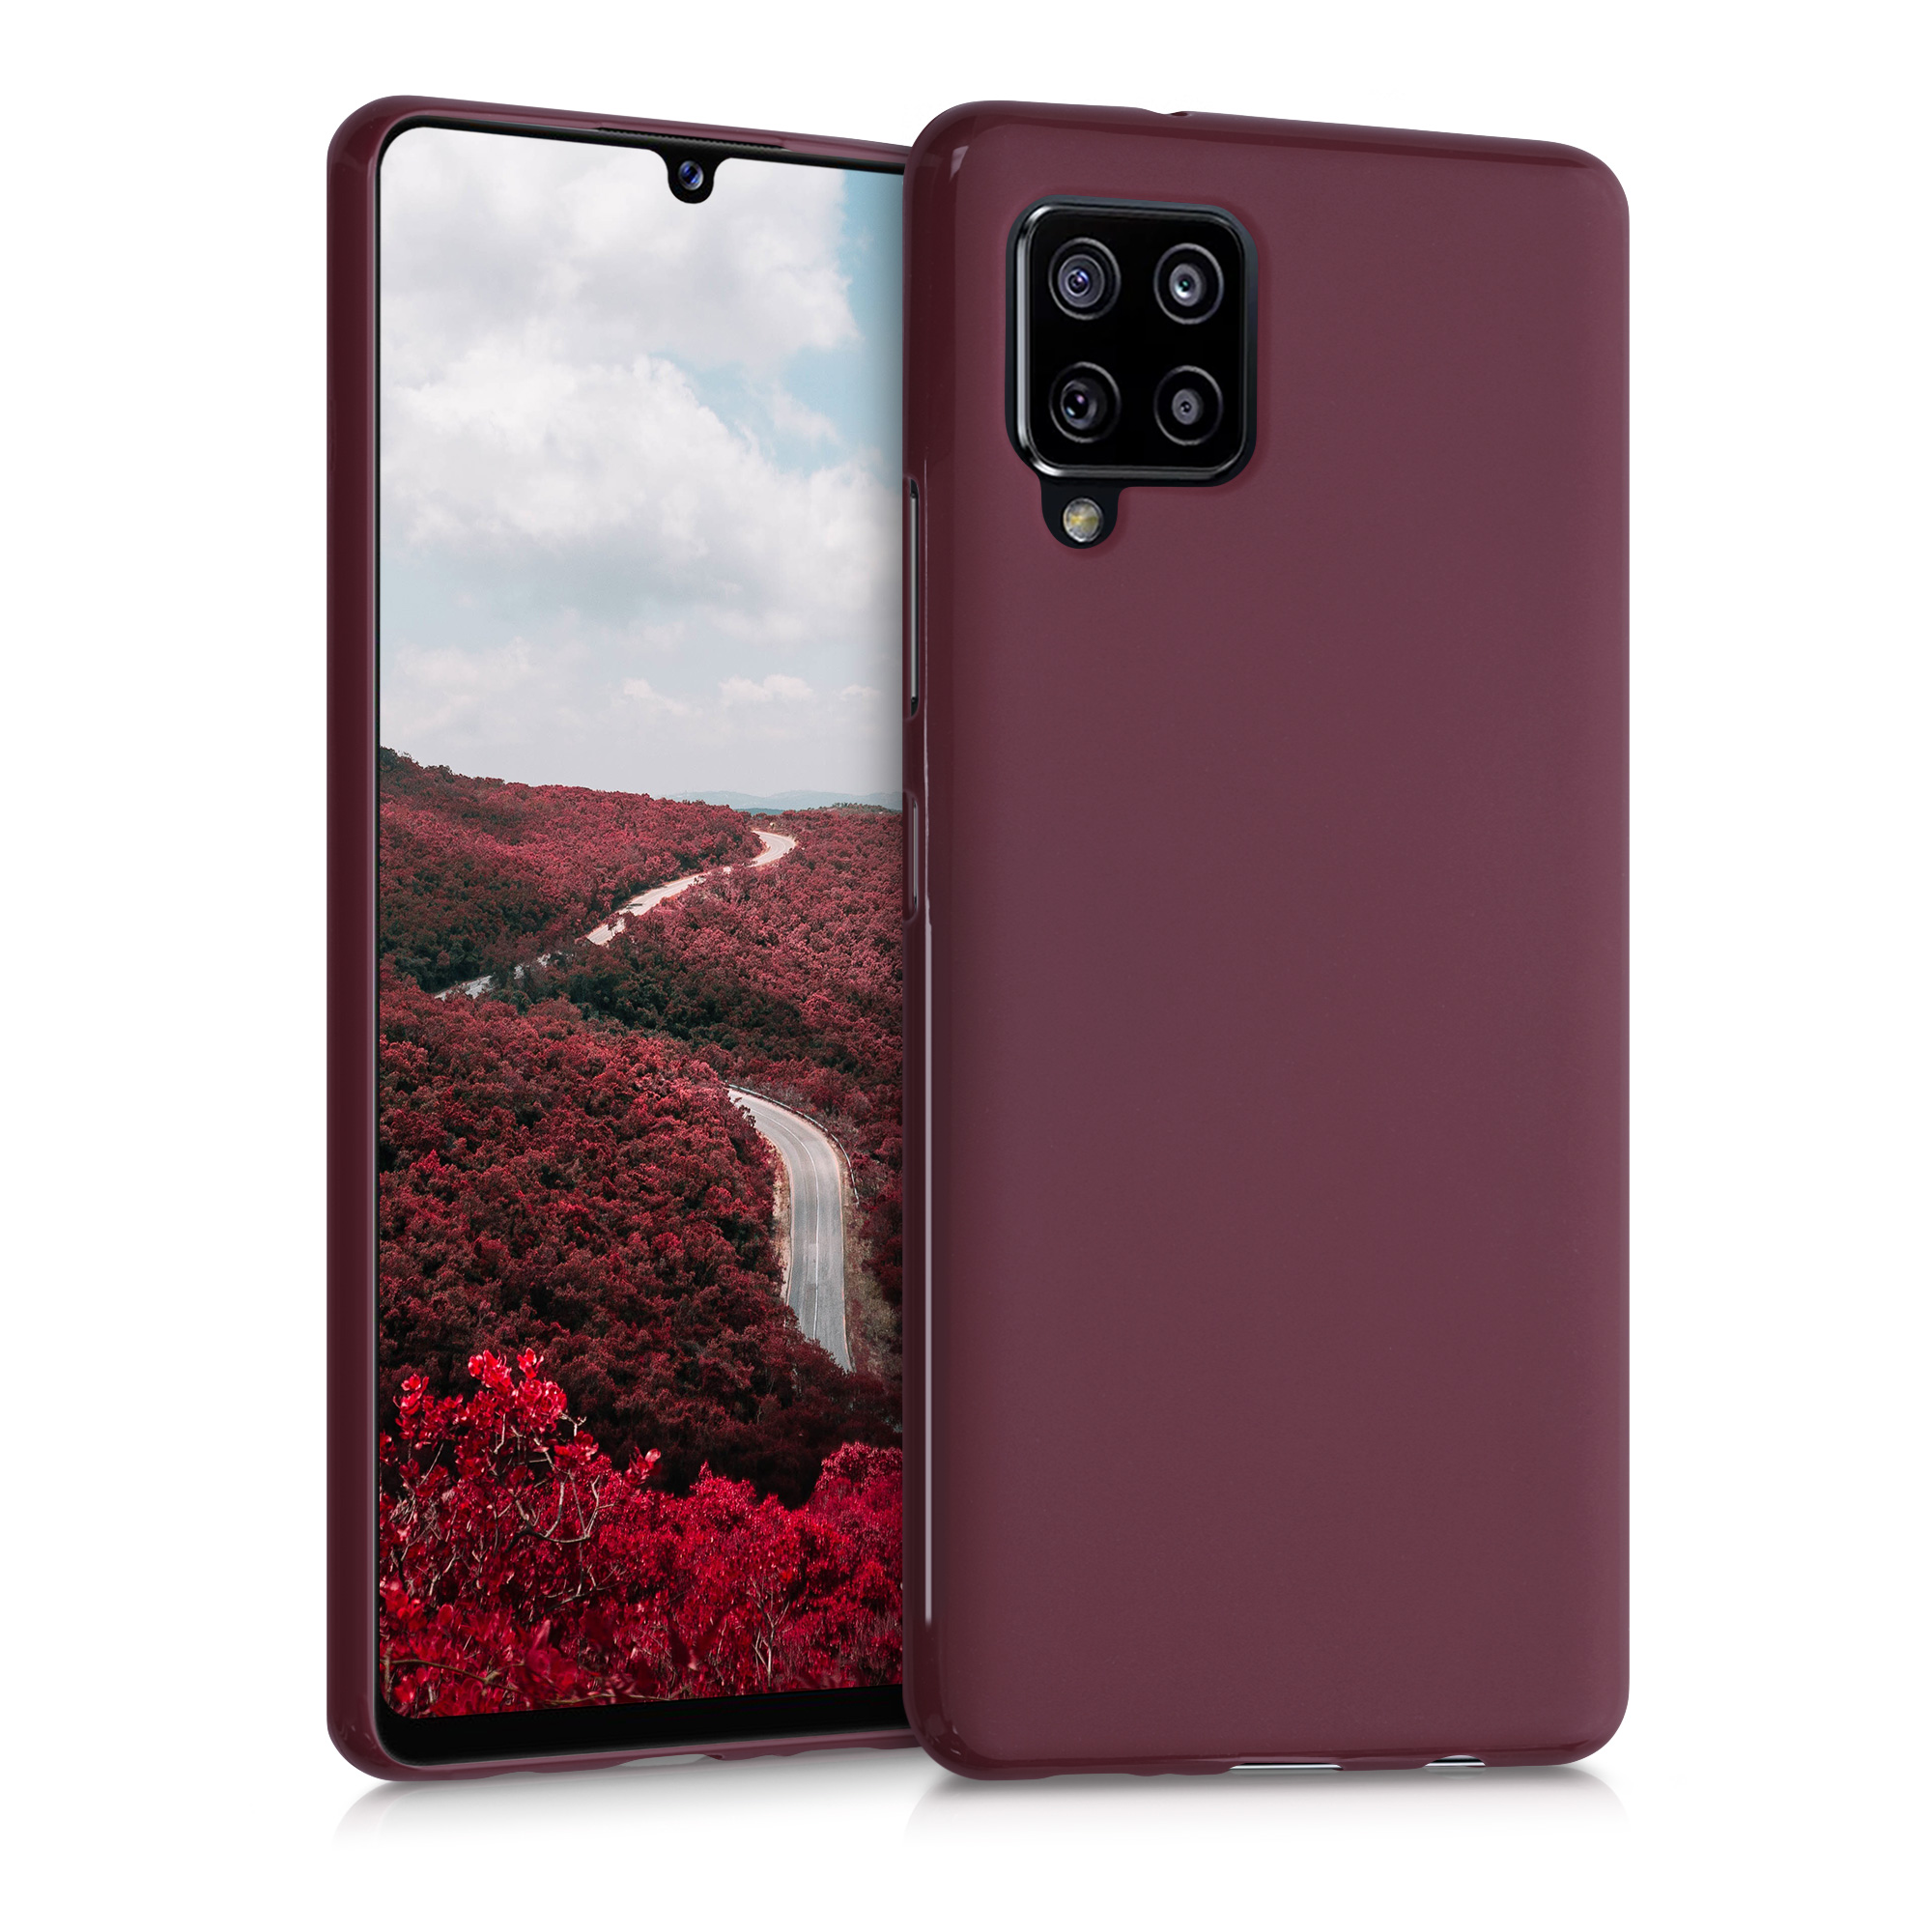 Kvalitní silikonové TPU pouzdro pro Samsung A42 5G - Tawny Red